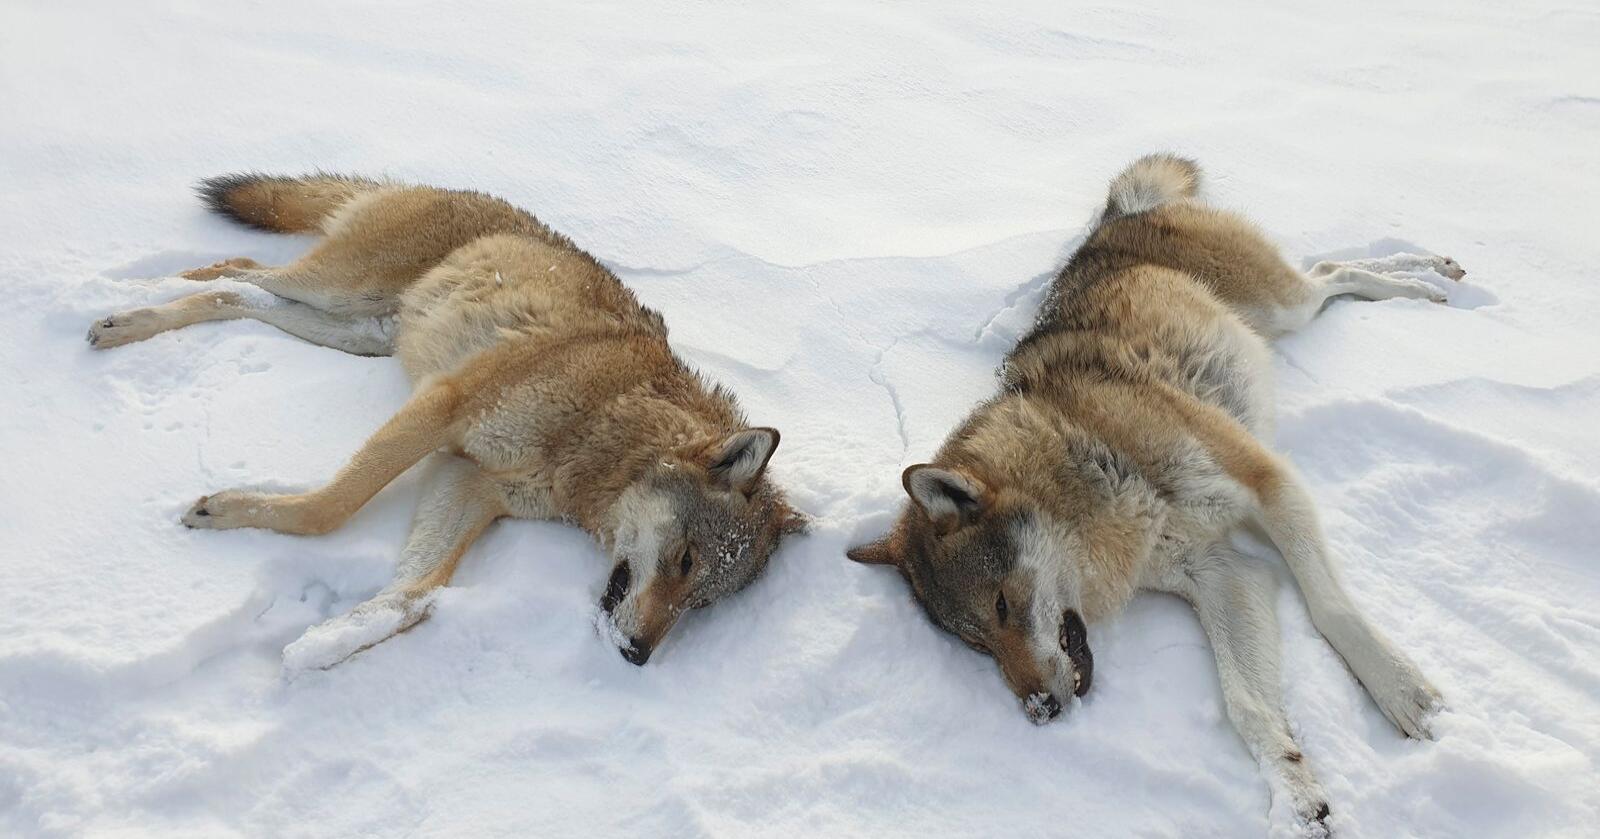 I november felte Statens naturoppsyn to ulver fra helikopter i Rendalen kommune etter at Miljødirektoratet ga fellingstillatelse. Foto: Statens Naturoppsyn / NTB scanpix